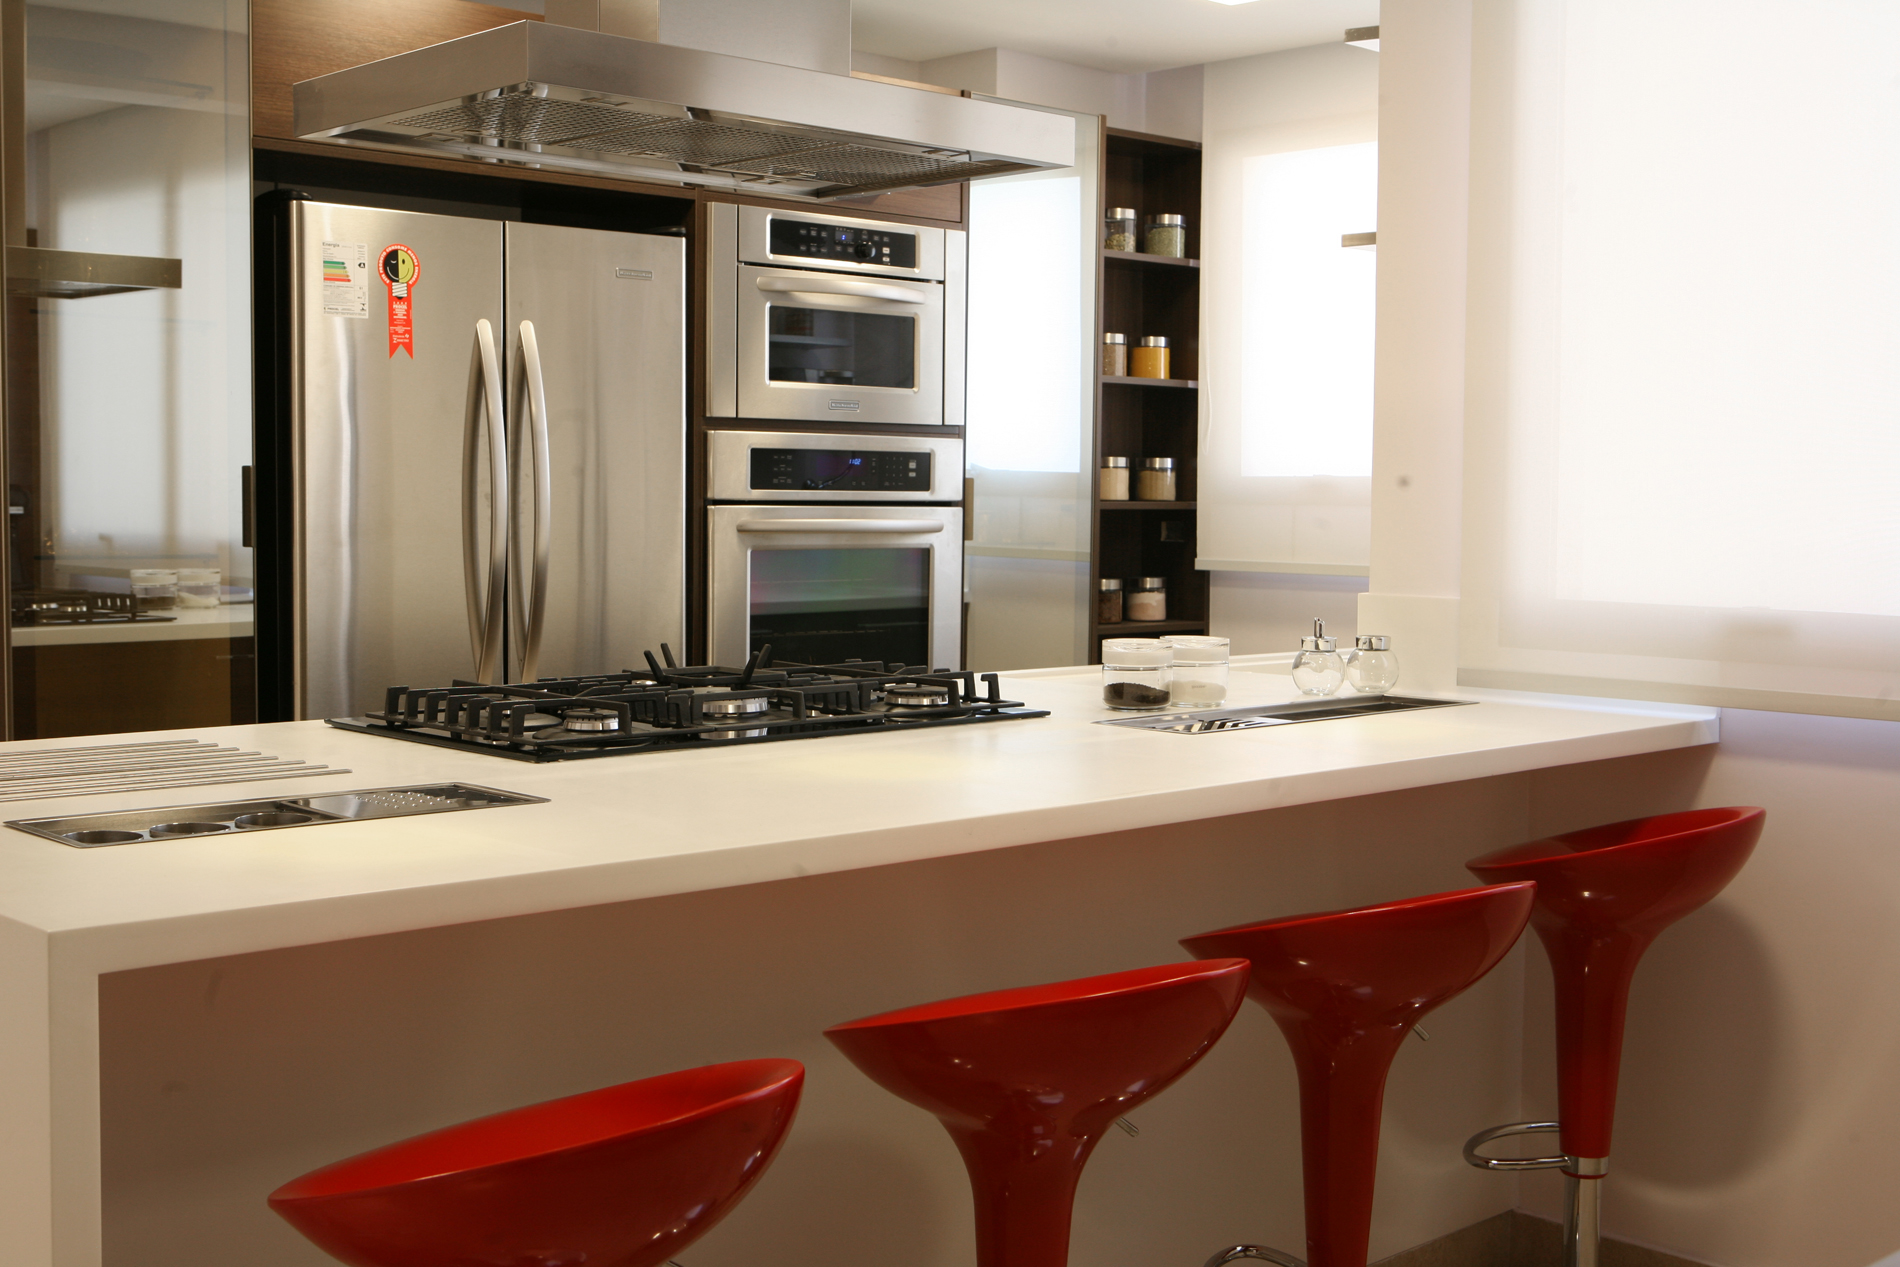 #B72614 Dicas para não errar na decoração da cozinha Americana 3 1900x1267 px Decoração Cozinha Idéias_938 Imagens